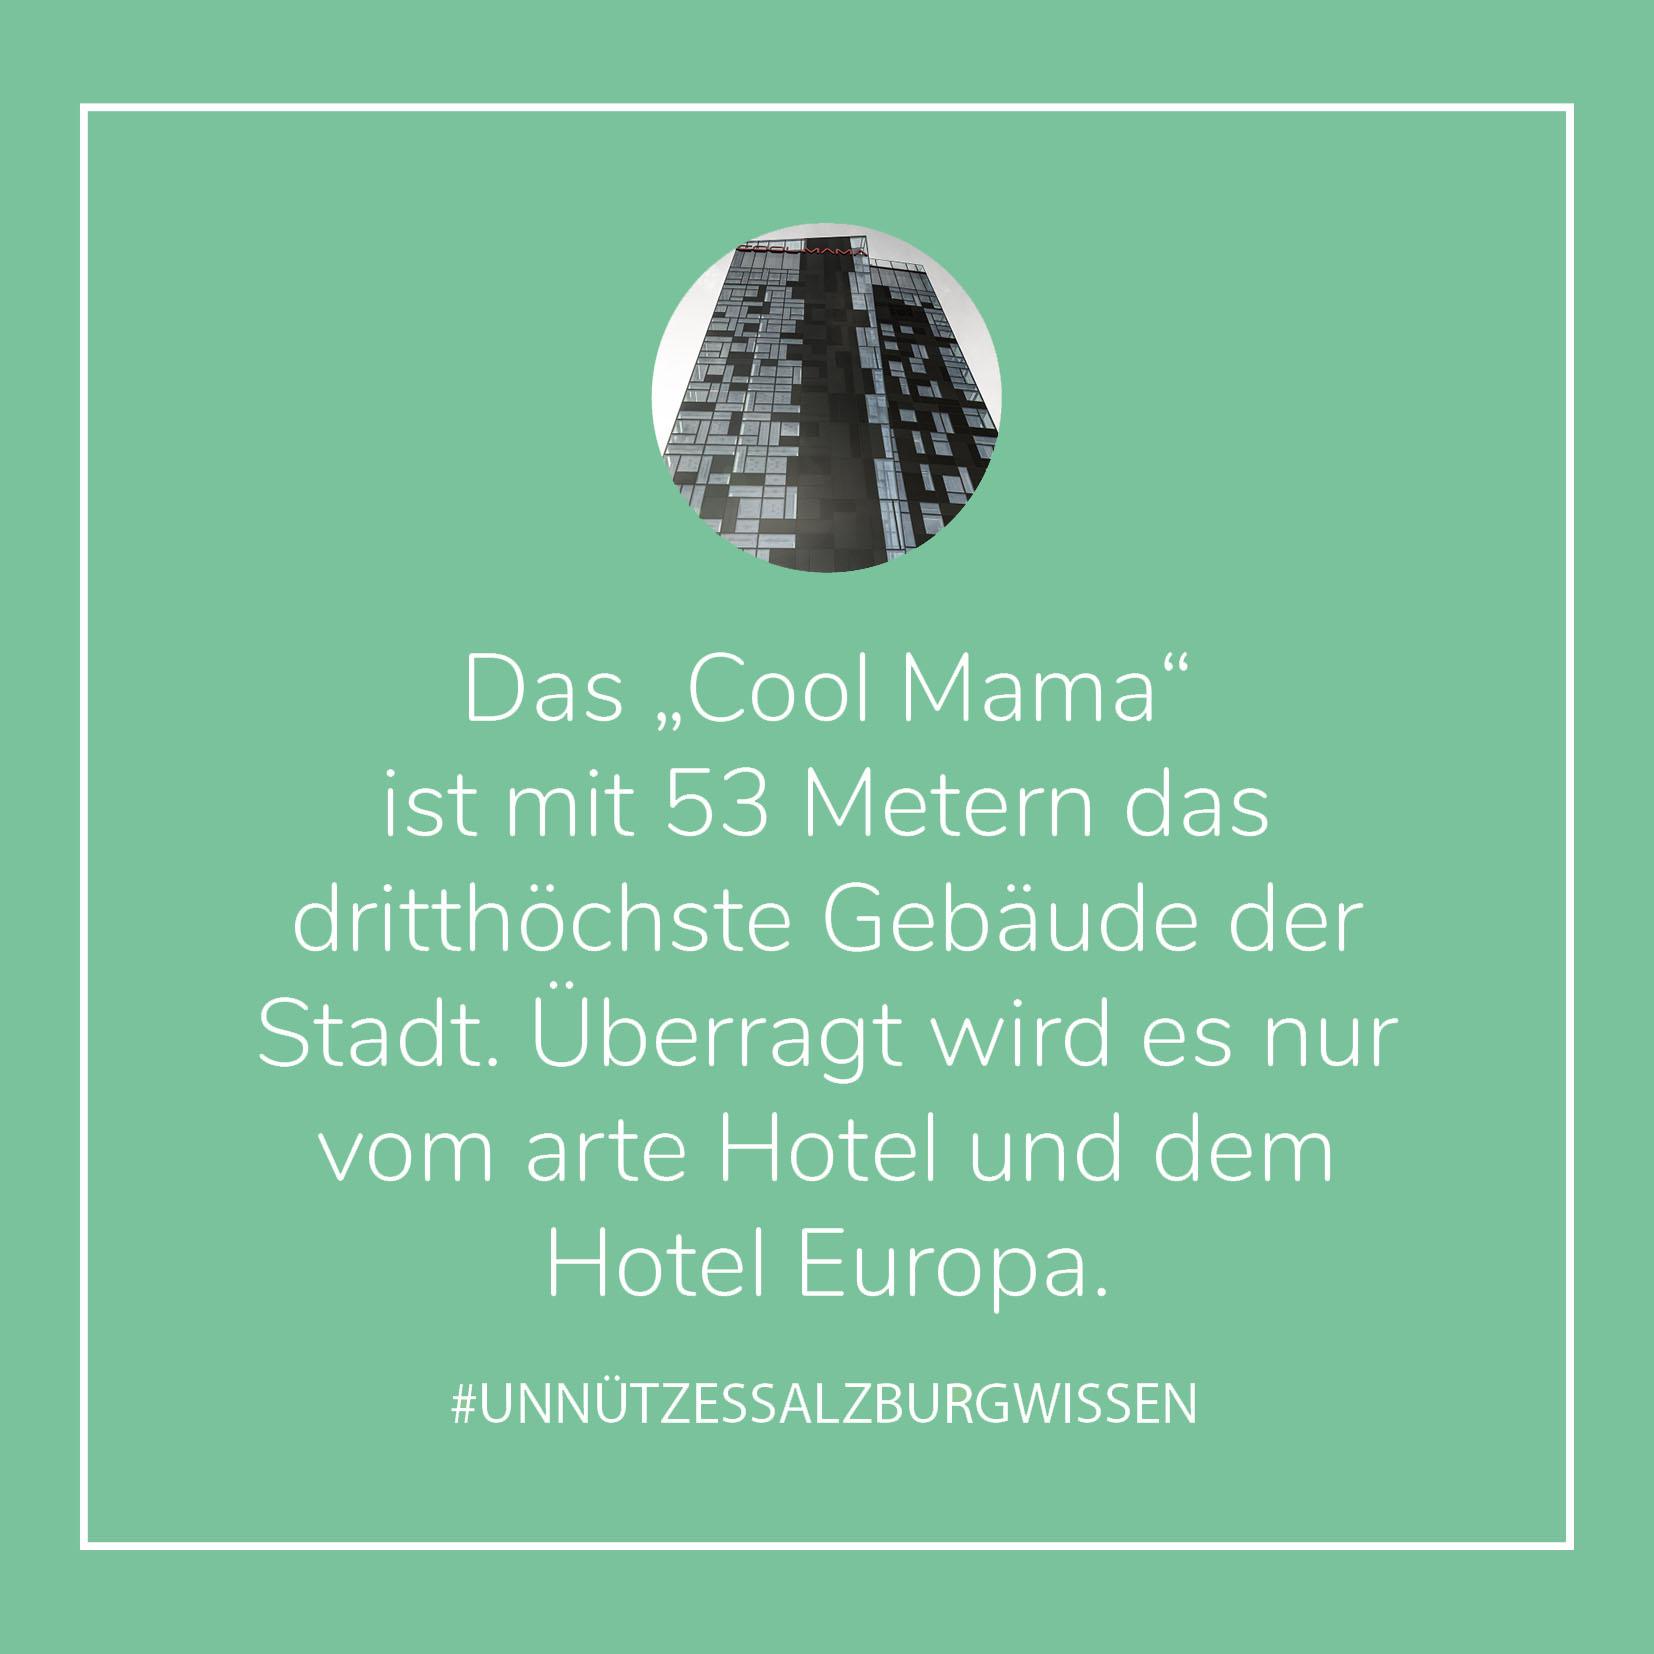 Unnützes SalzburgWissen - Cool Mama (c) STADTBEKANNT